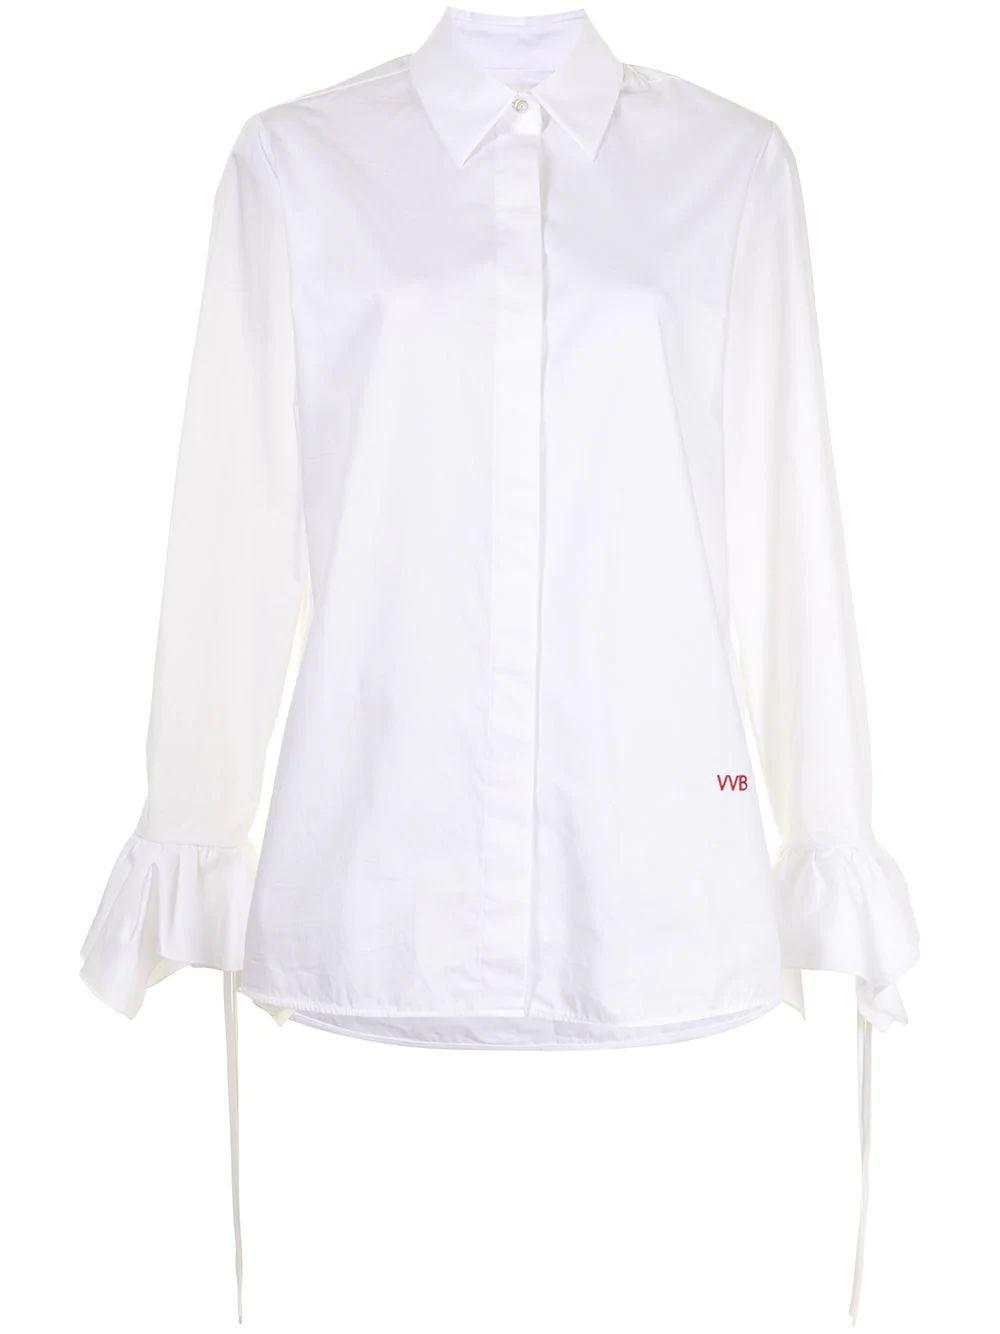 Flounce Cuff Cotton Shirt Item # 2121WSH002279A